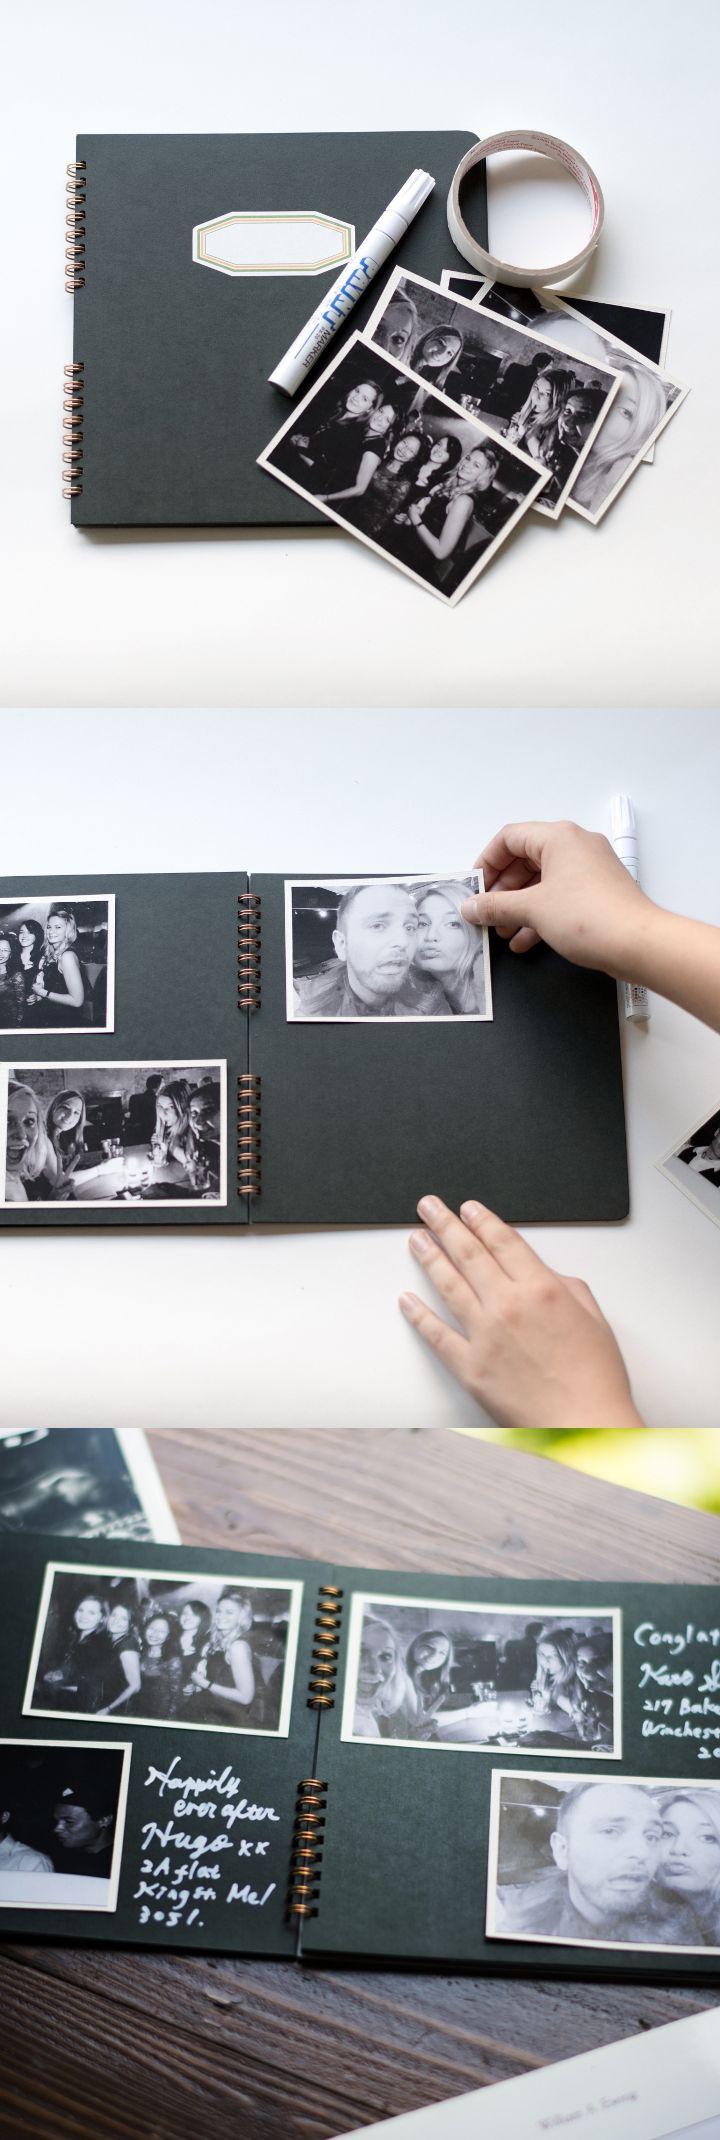 [DIY]モノクロ写真を使ったゲストブック フォトアルバム兼ゲストブック。ゲストに白いペンで記入してもらうとよりクールな印象が際立ちます。あらかじめゲストの思い出の写真を貼っておいてもいいし、当日の式の様子を撮影して後から貼り付けても。後から写真を貼る場合は、写真を貼り付けるスペースを空けておいてね。